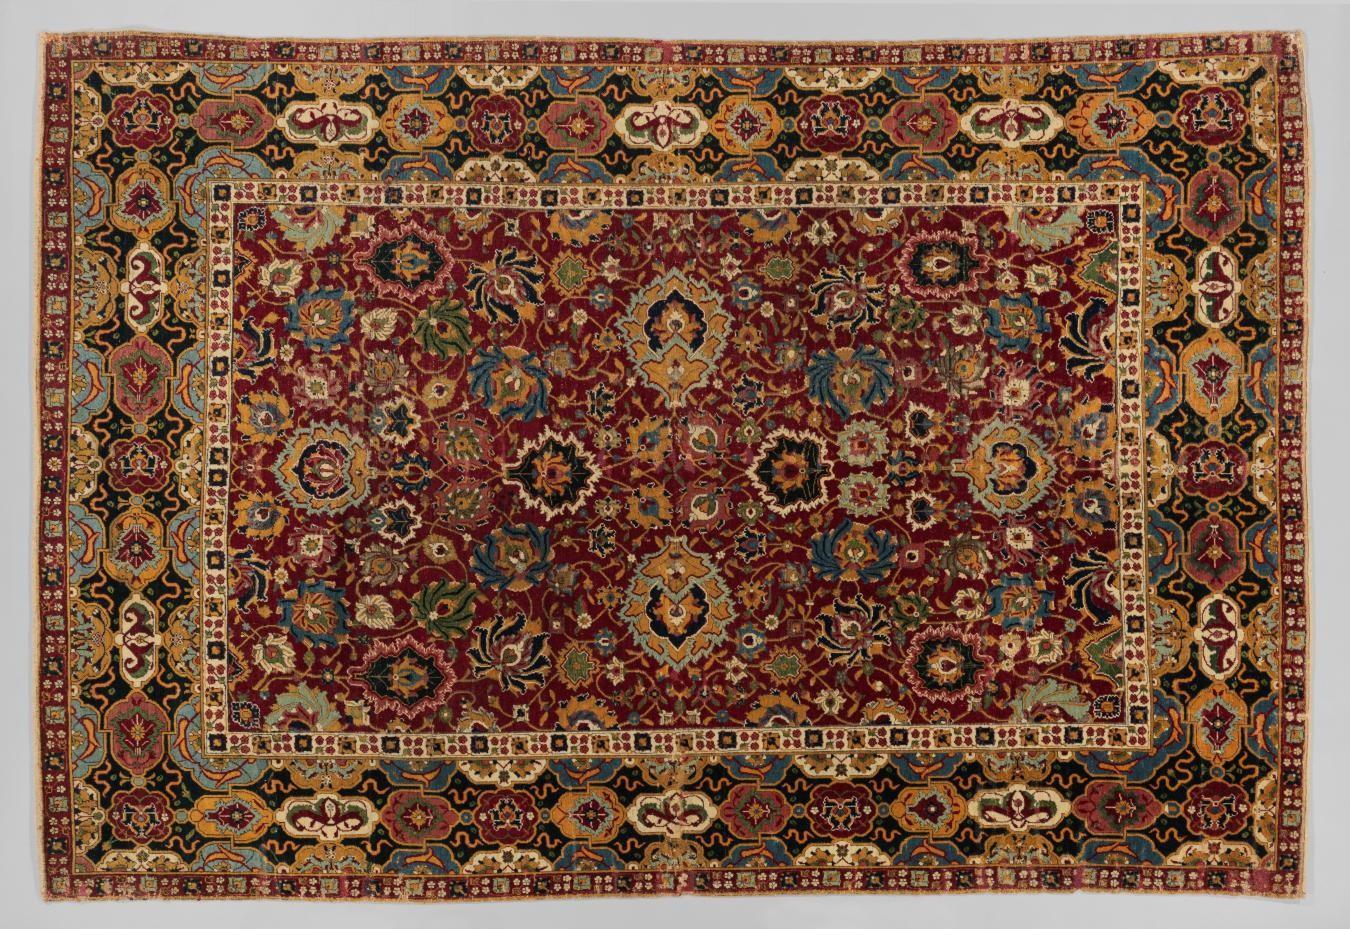 Iranian, Carpet